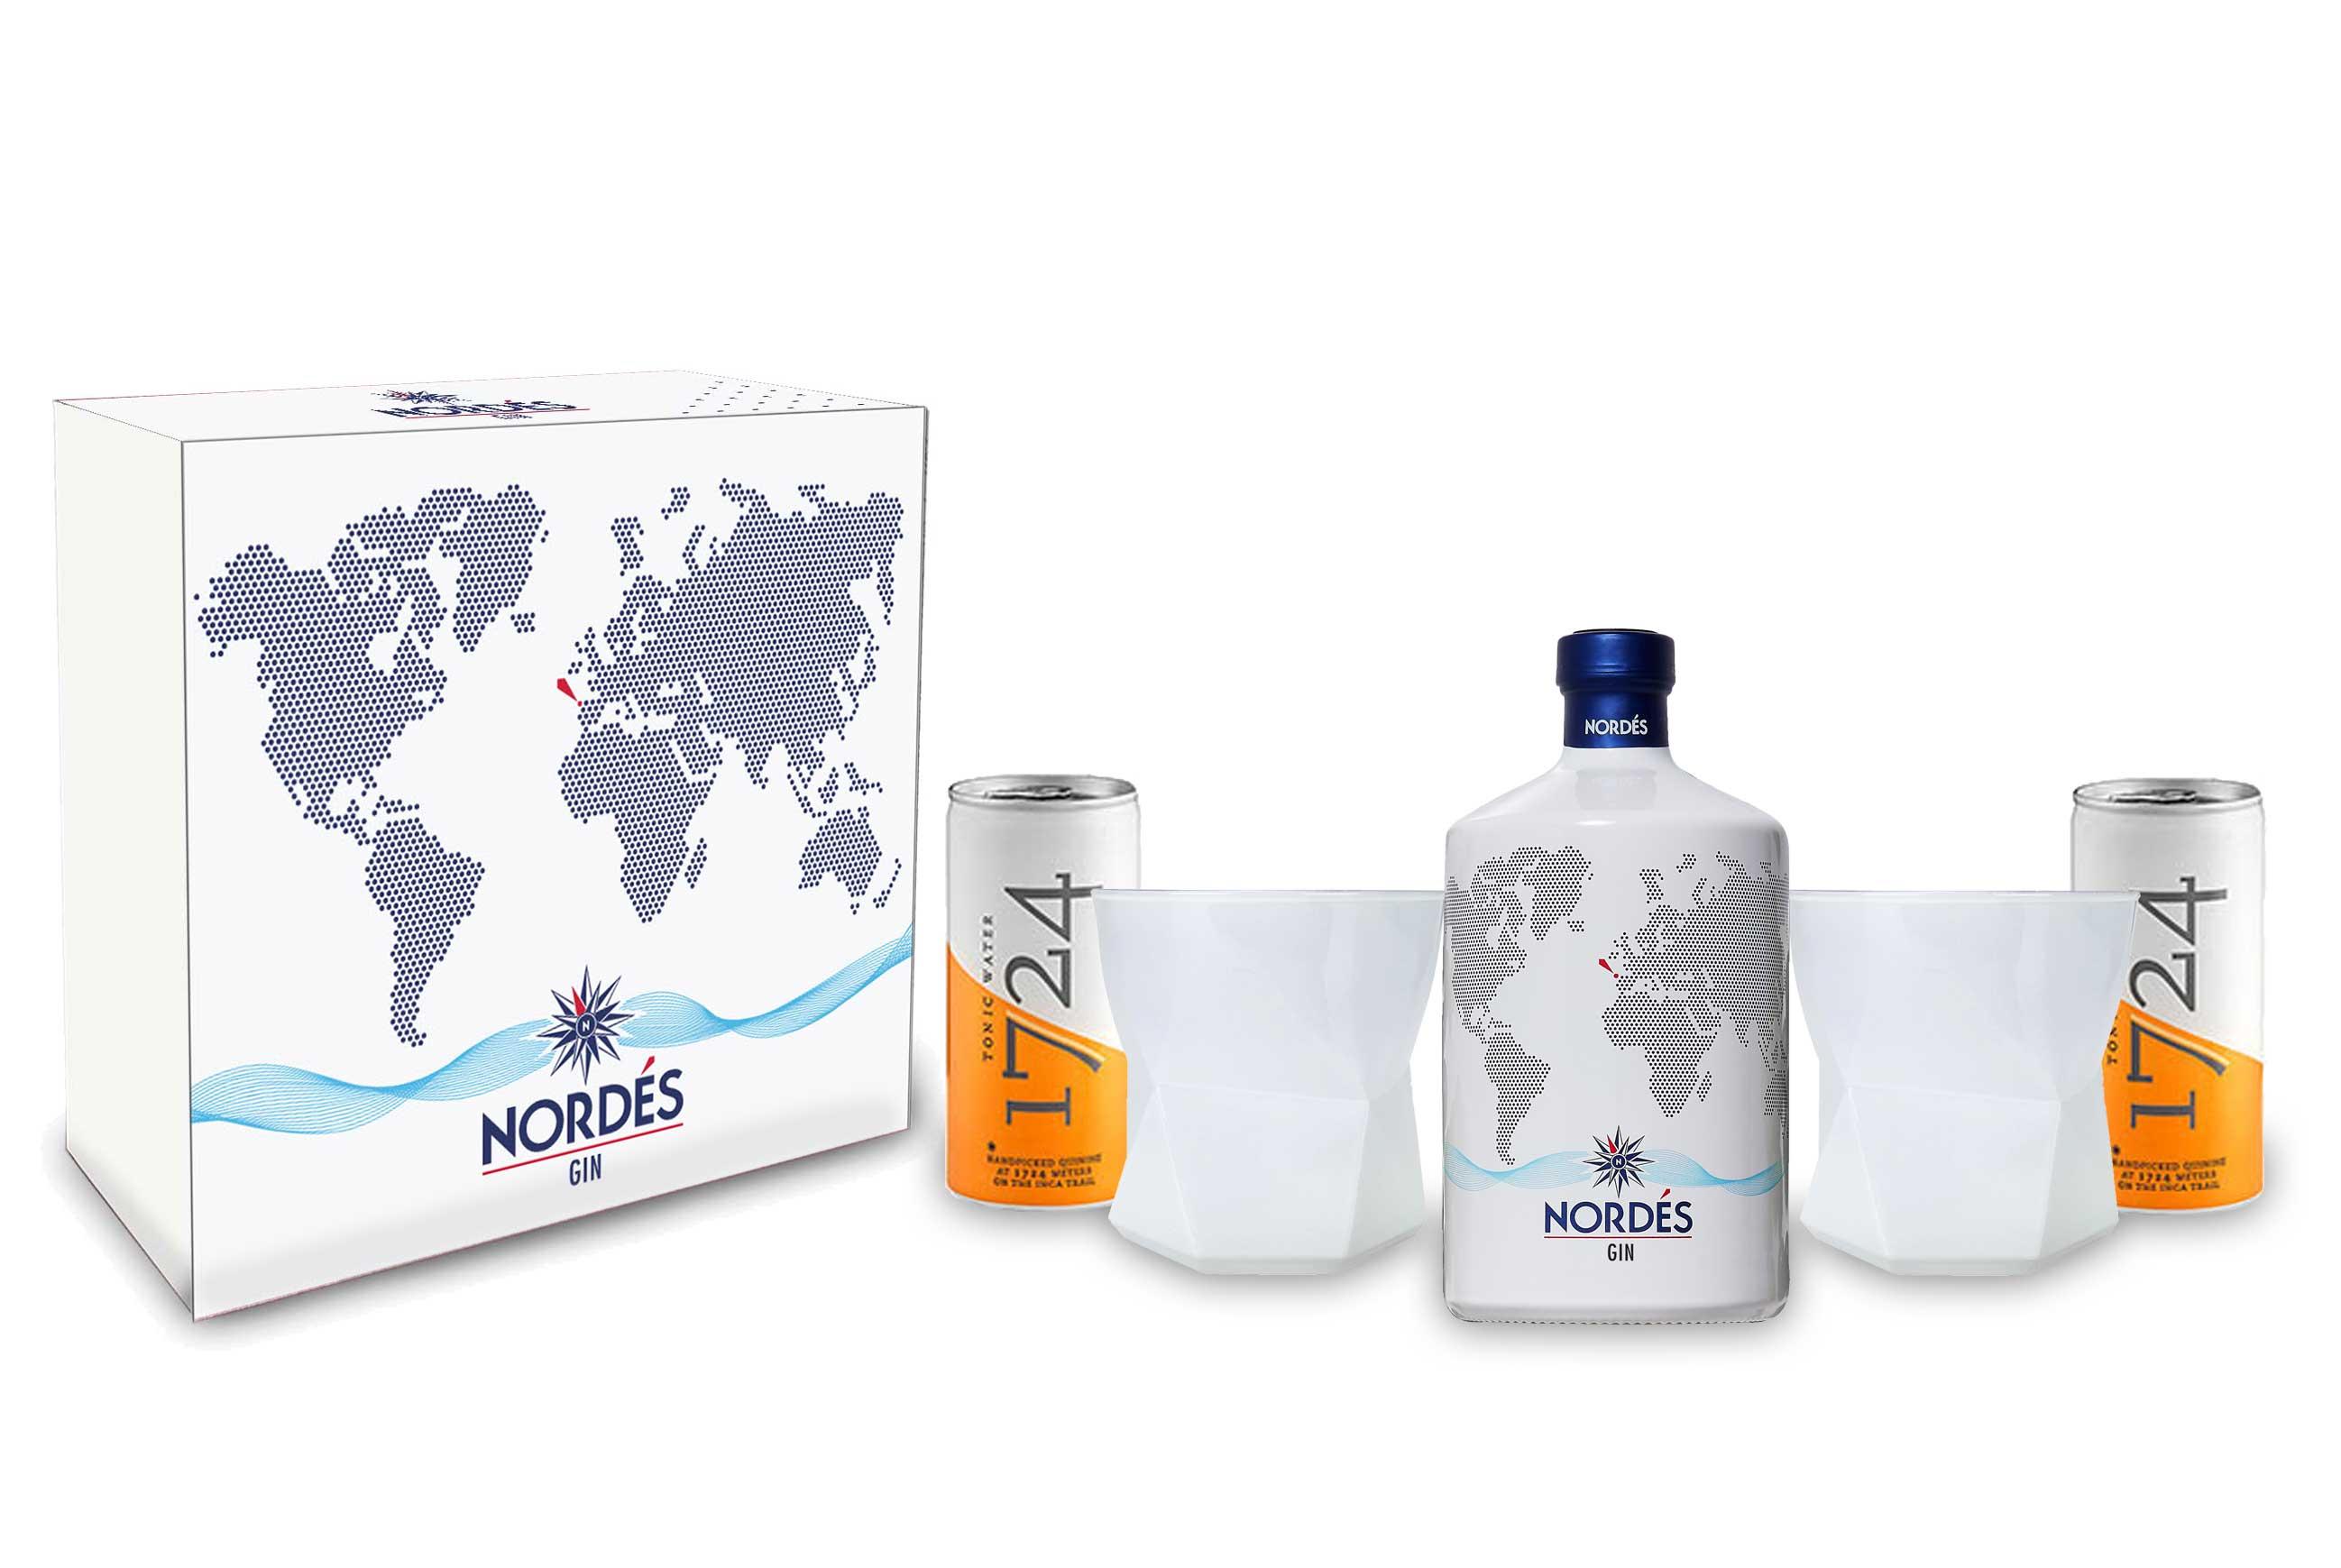 Nordes Atlantic Schuber Geschenkset Gin aus Galizien 0,7l (40% Vol) + 2x Gläser Tumbler weiss + 2x 1724 Tonic Water Dose 200ml inkl. Pfand EINWEG -[Enthält Sulfite]